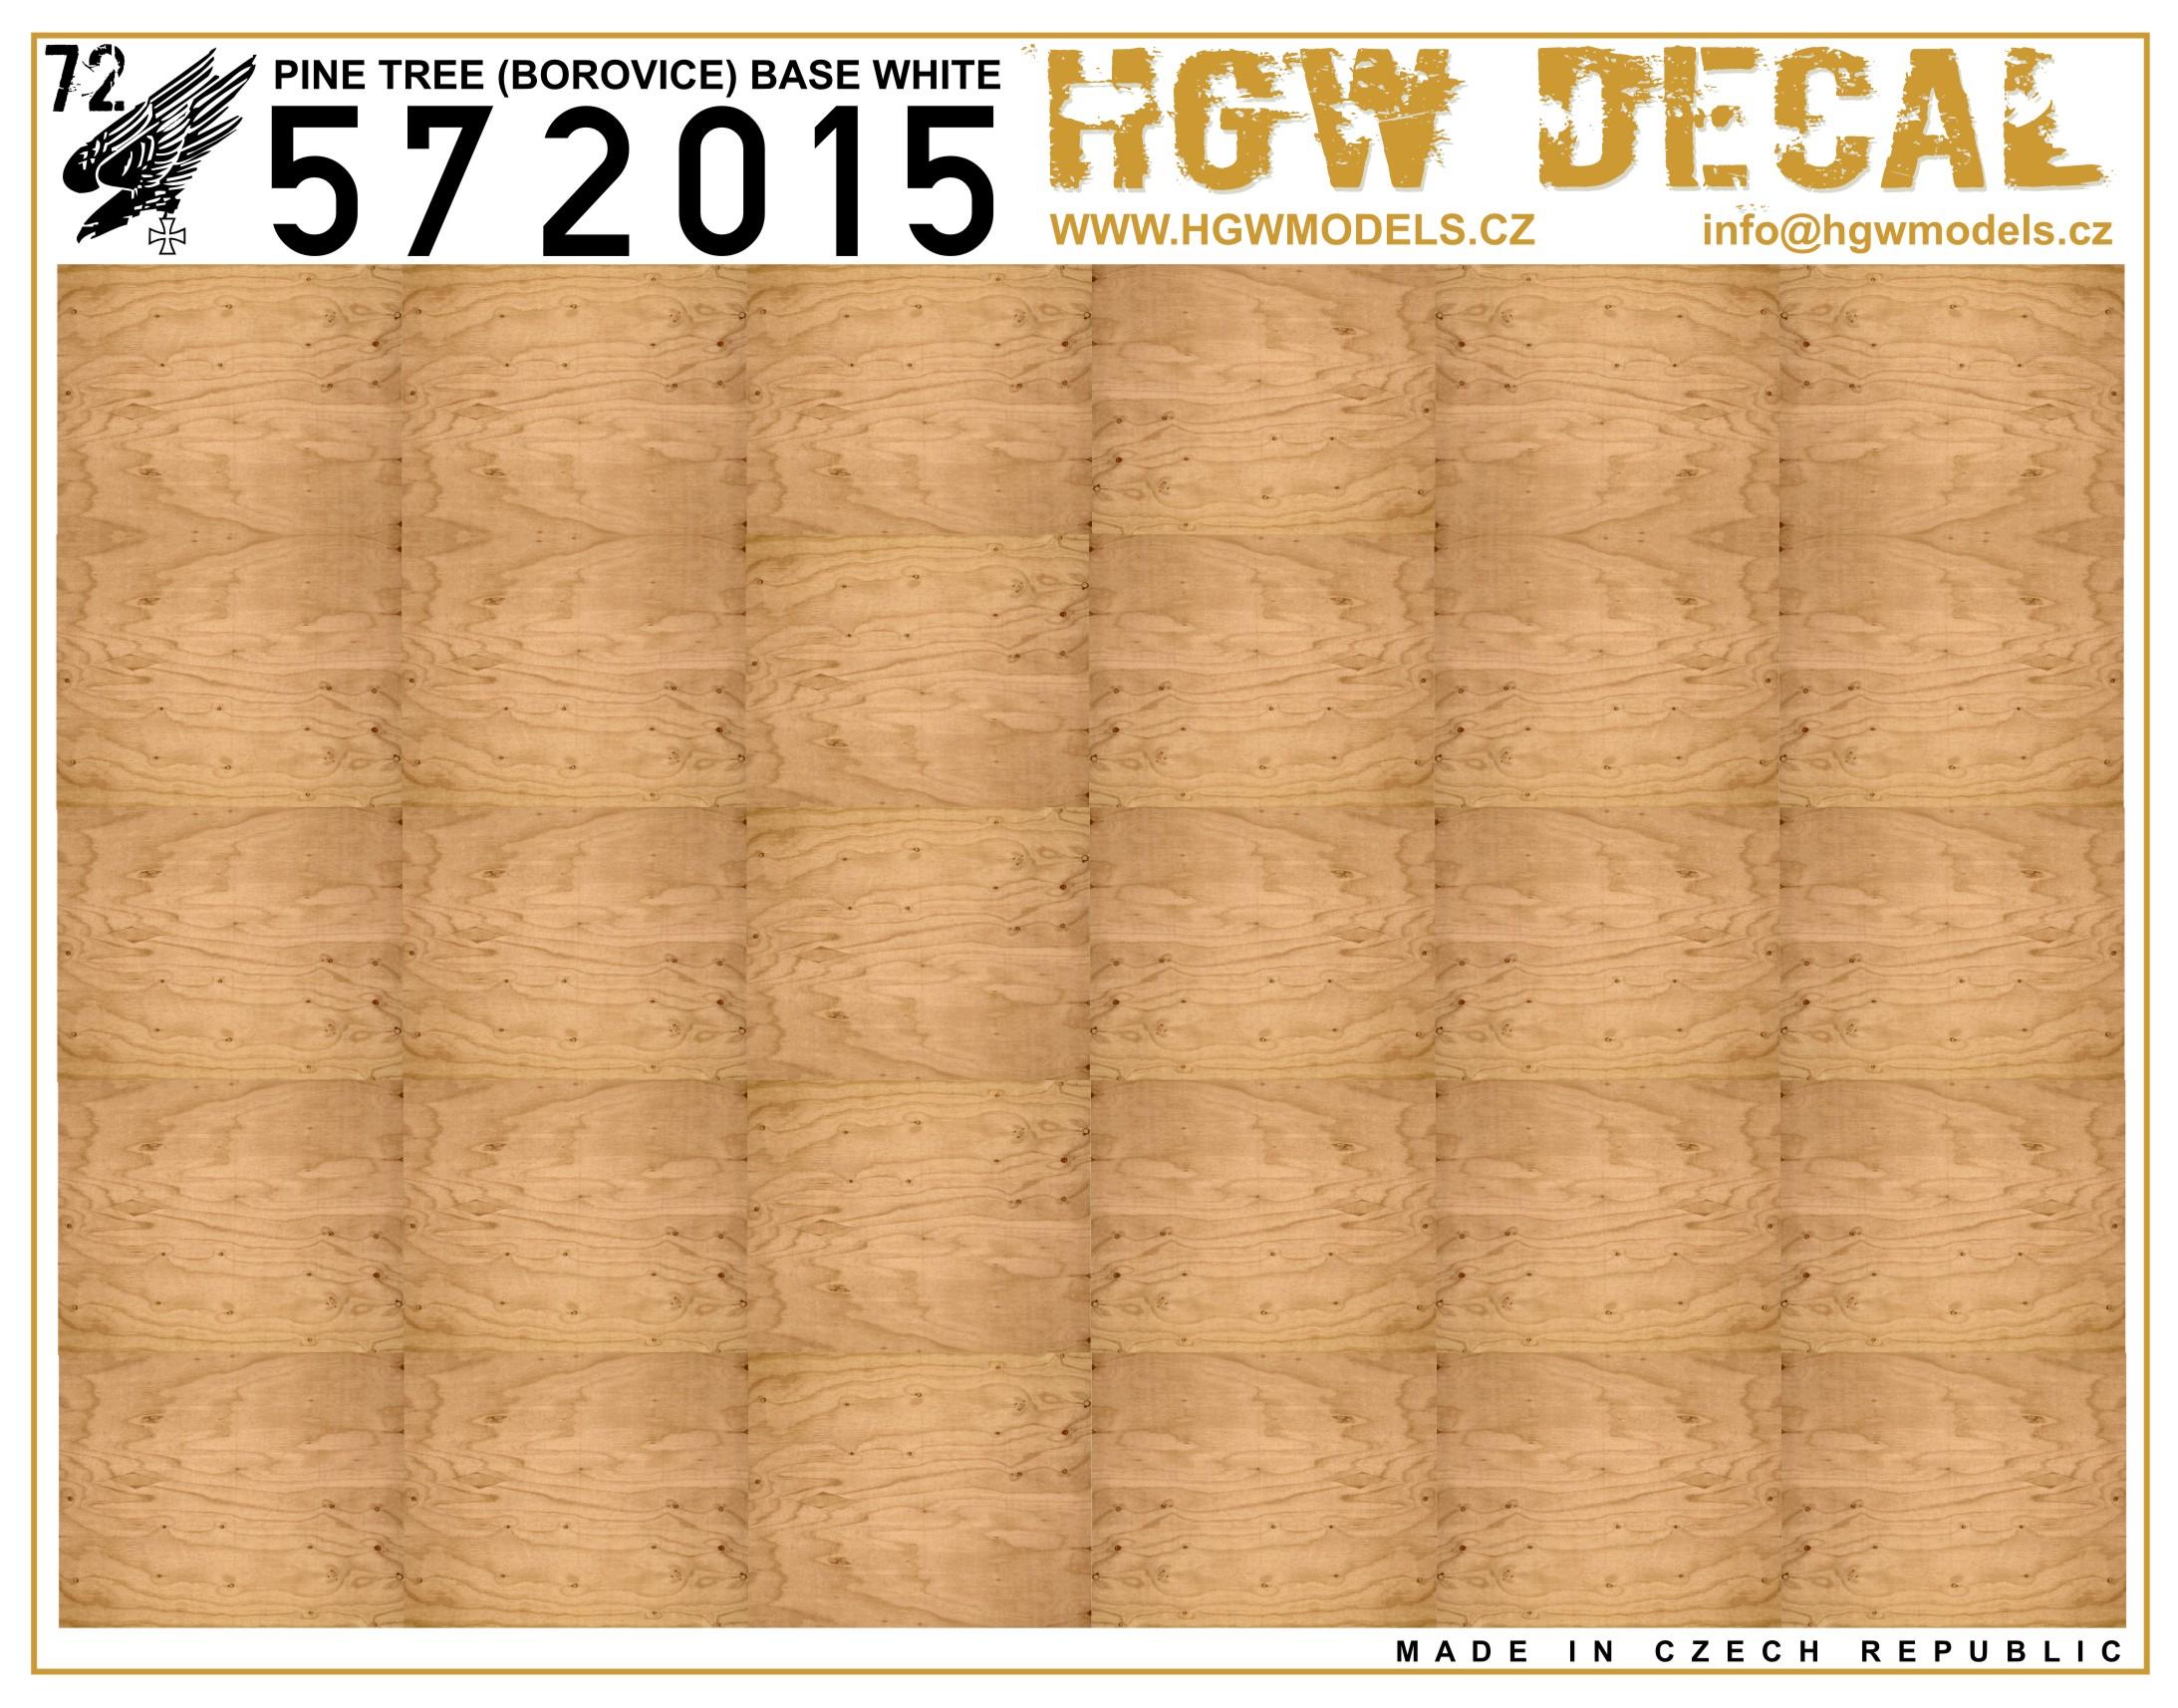 HGW572015